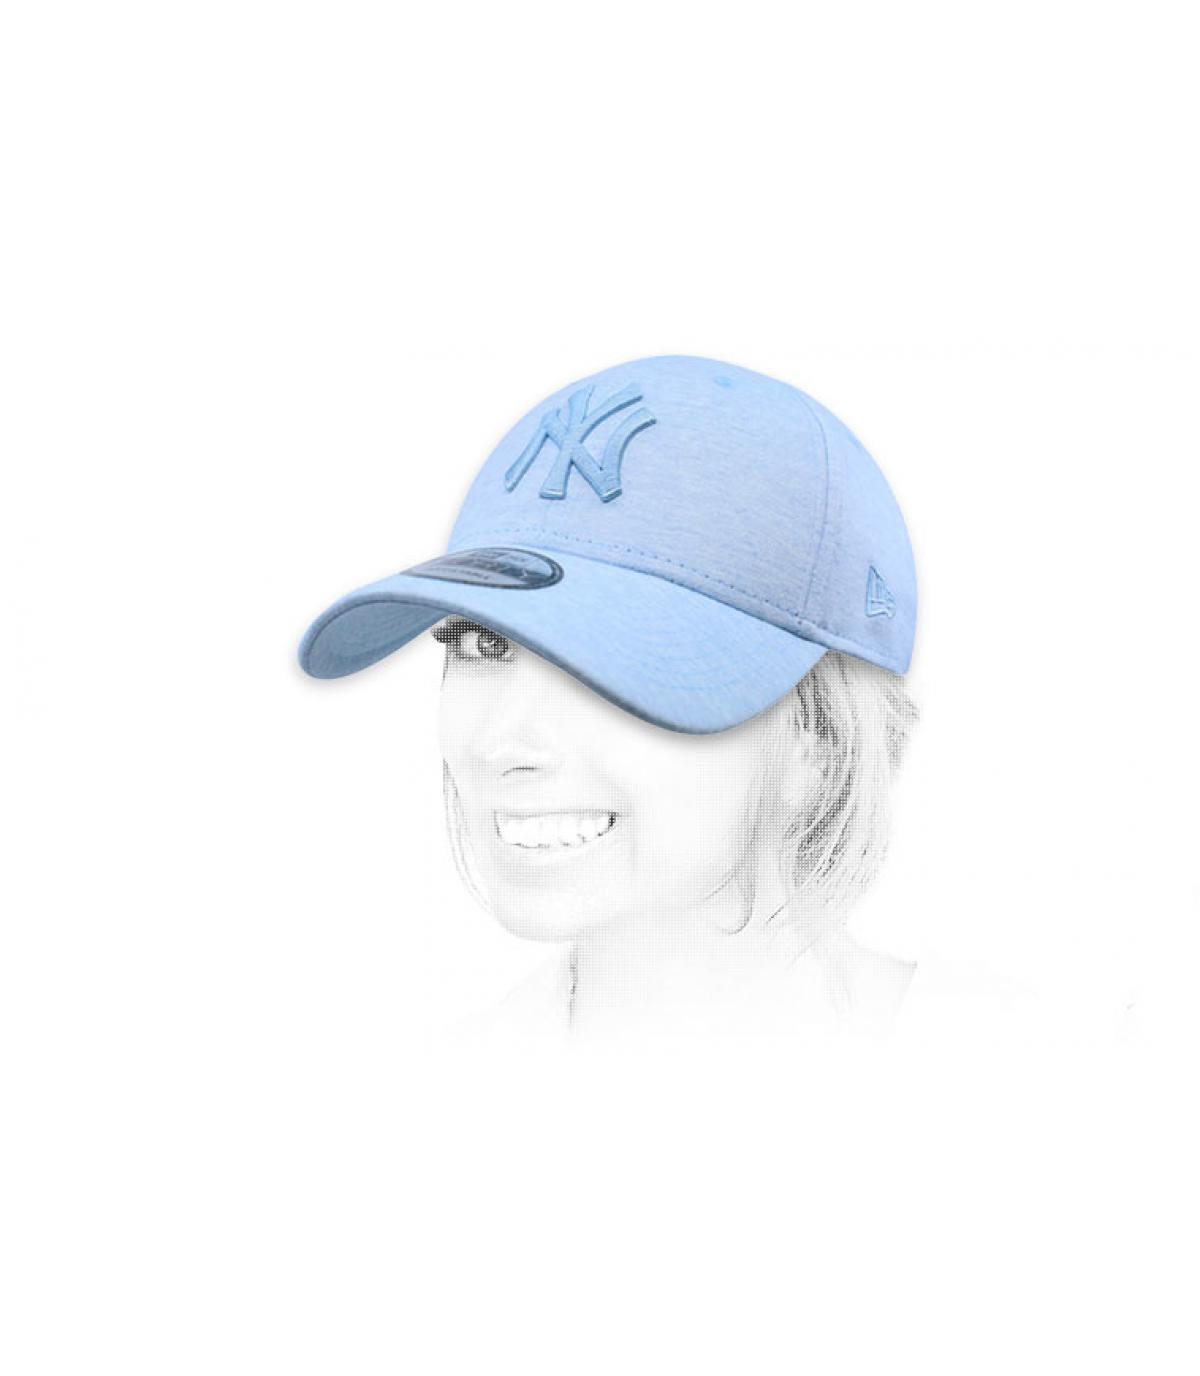 sky blue NY cap